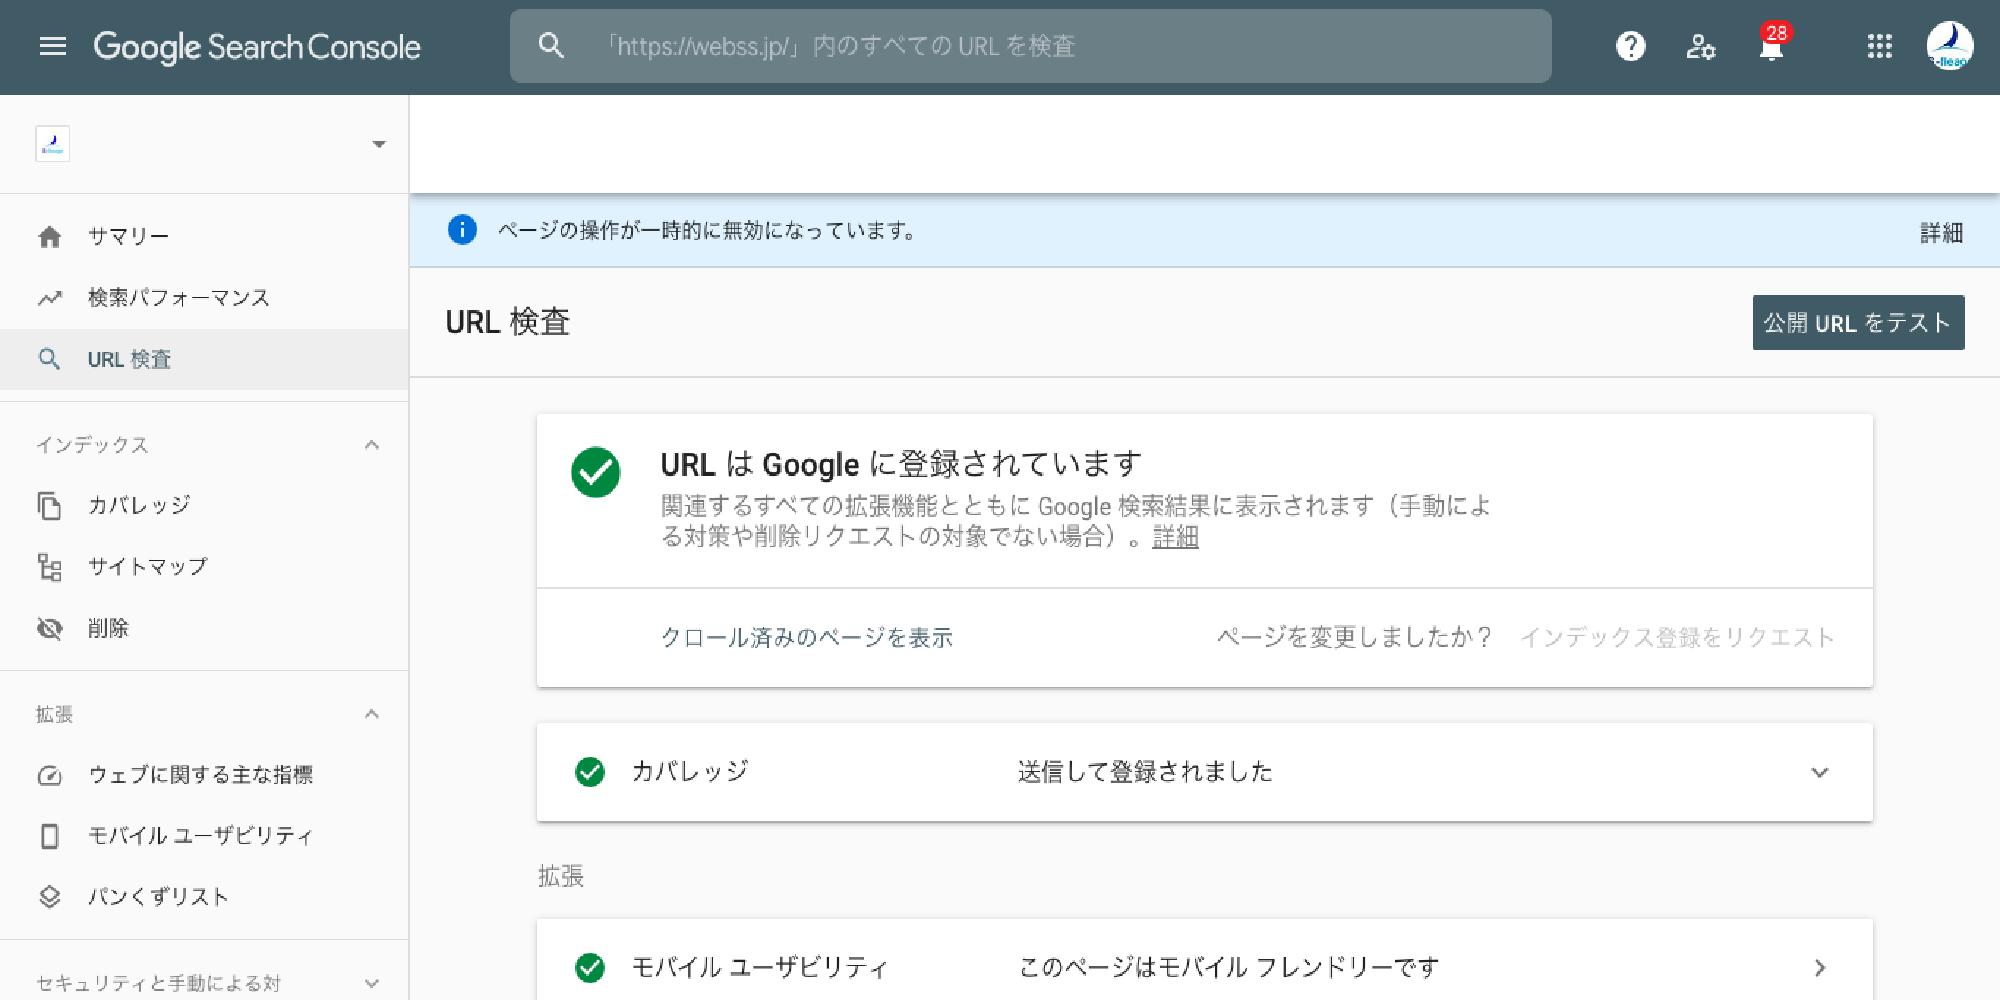 サーチコンソール_使い方_URL検査